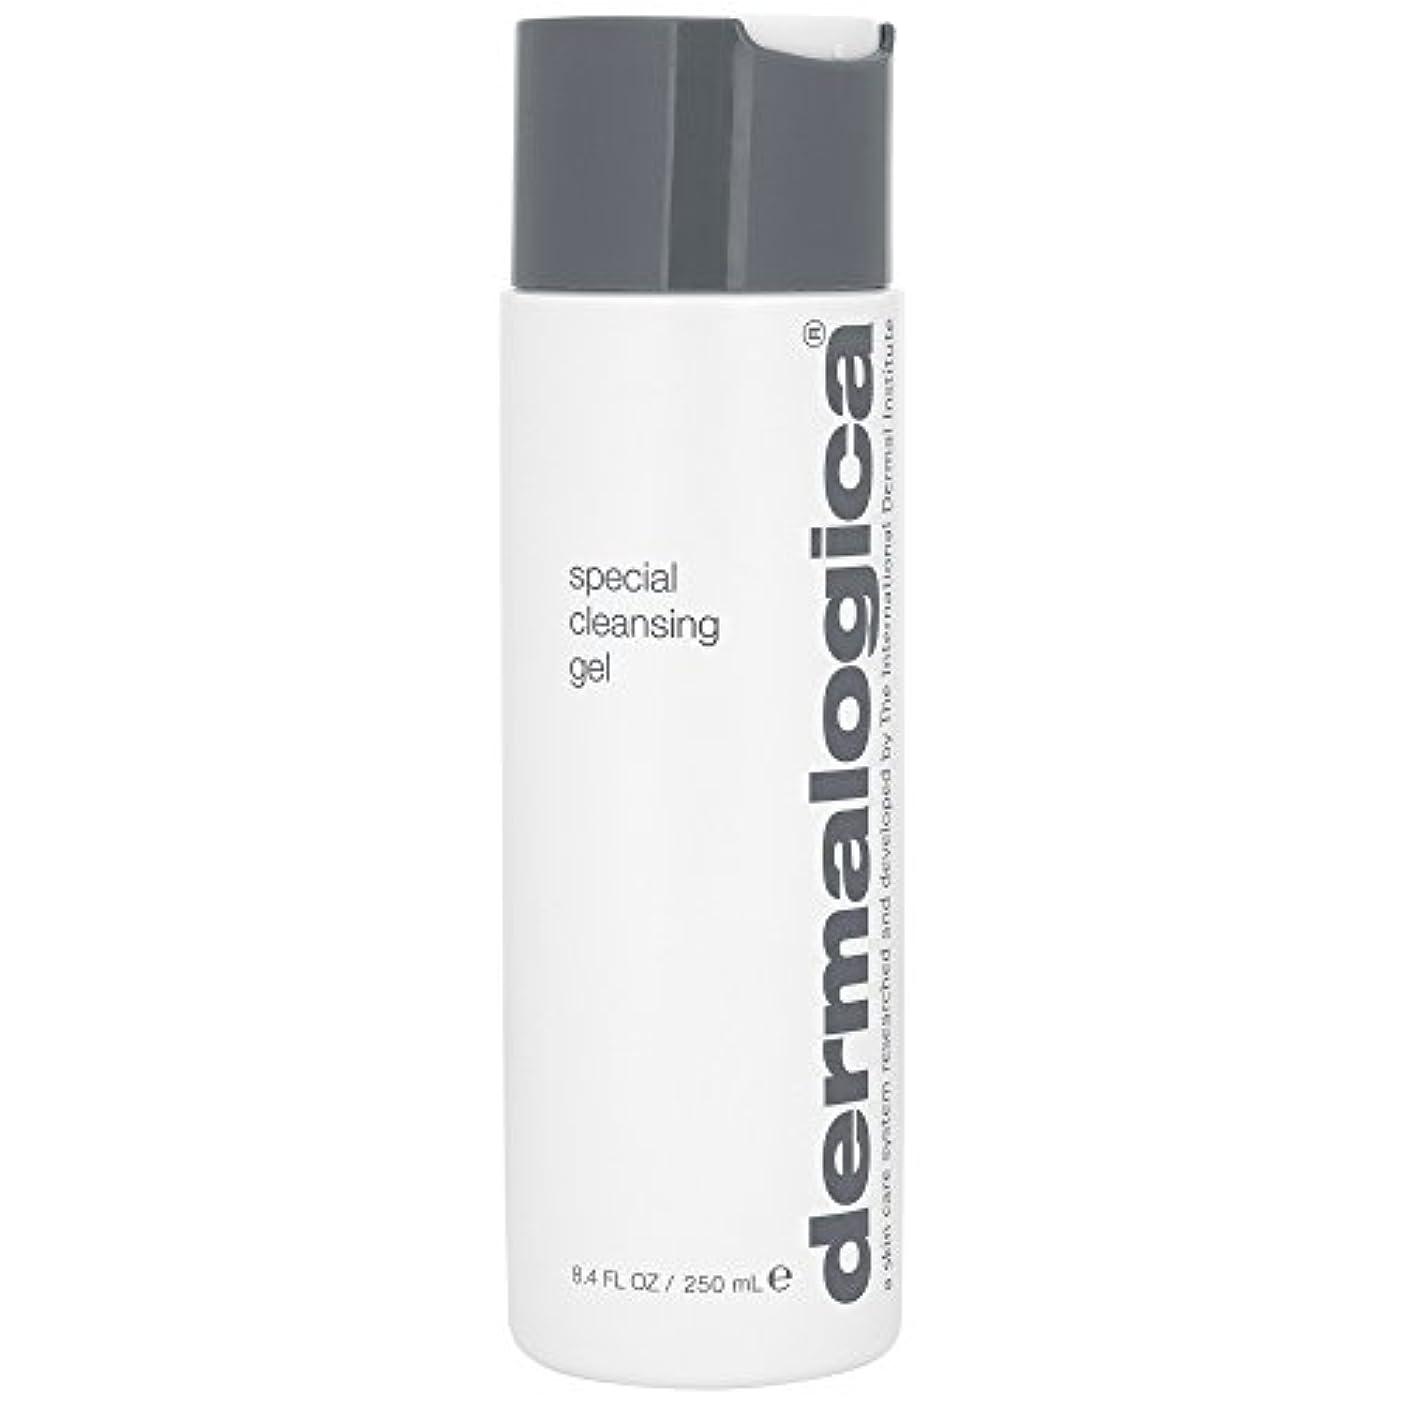 アプローチ工業化するフォーマルダーマロジカ特別なクレンジングゲル250ミリリットル (Dermalogica) - Dermalogica Special Cleansing Gel 250ml [並行輸入品]